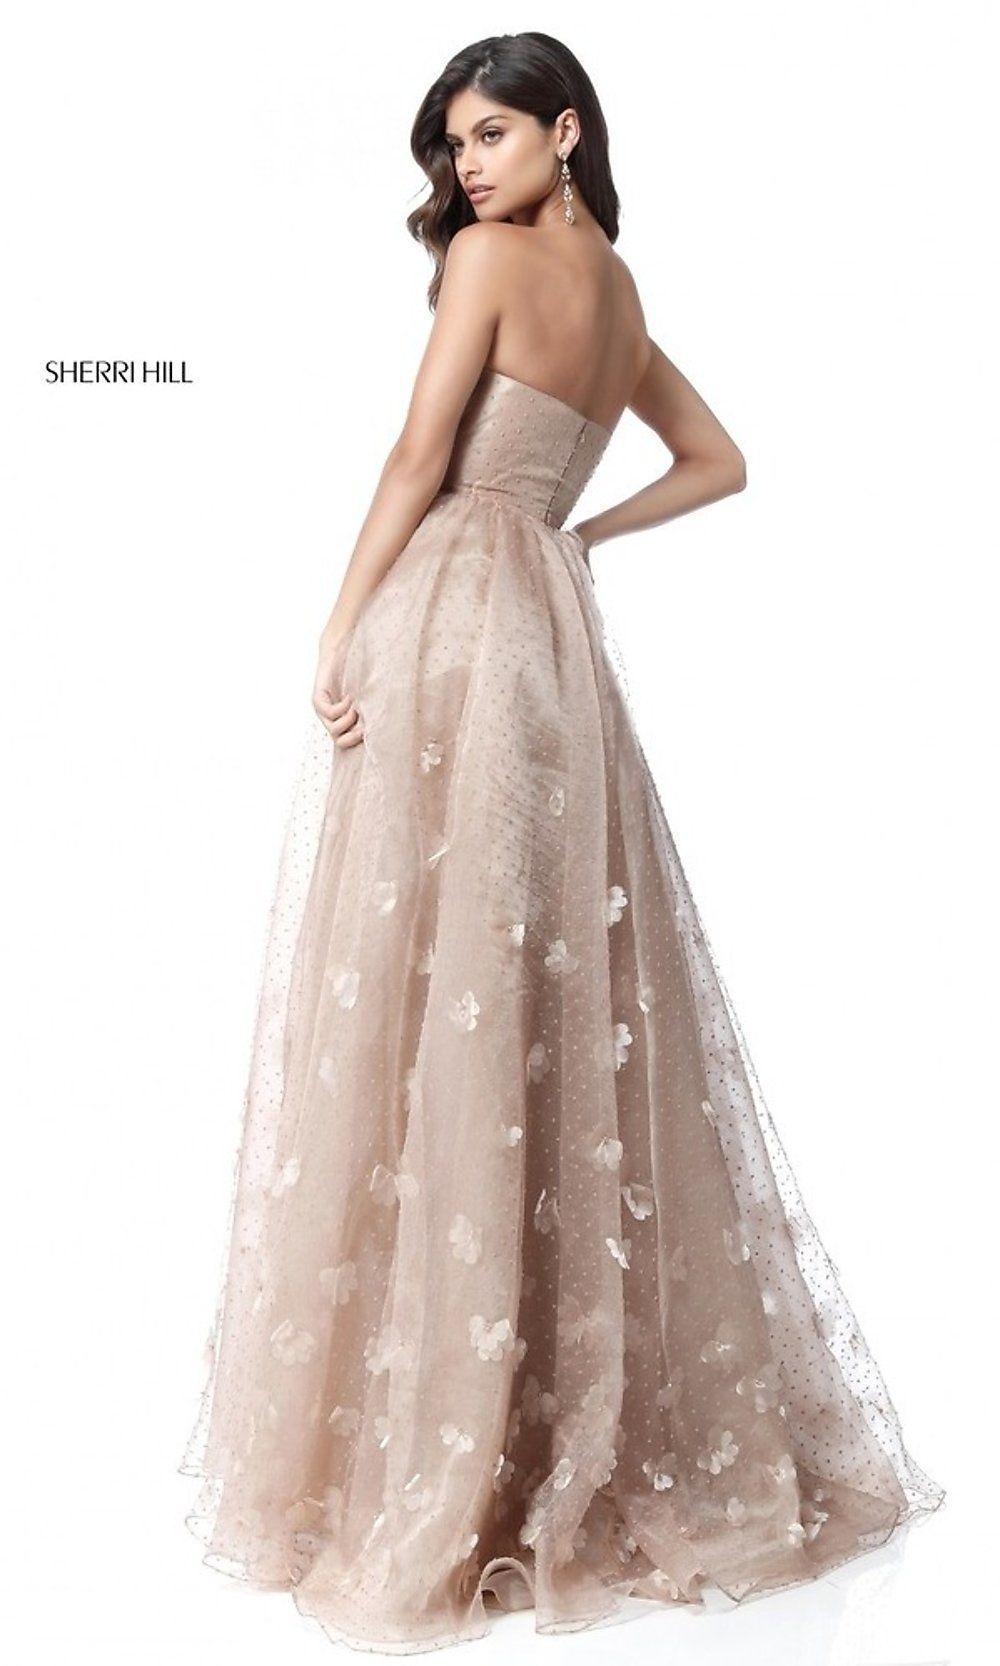 b5b6c40b4db Long Strapless Open Back Sherri Hill Prom Dress in 2019